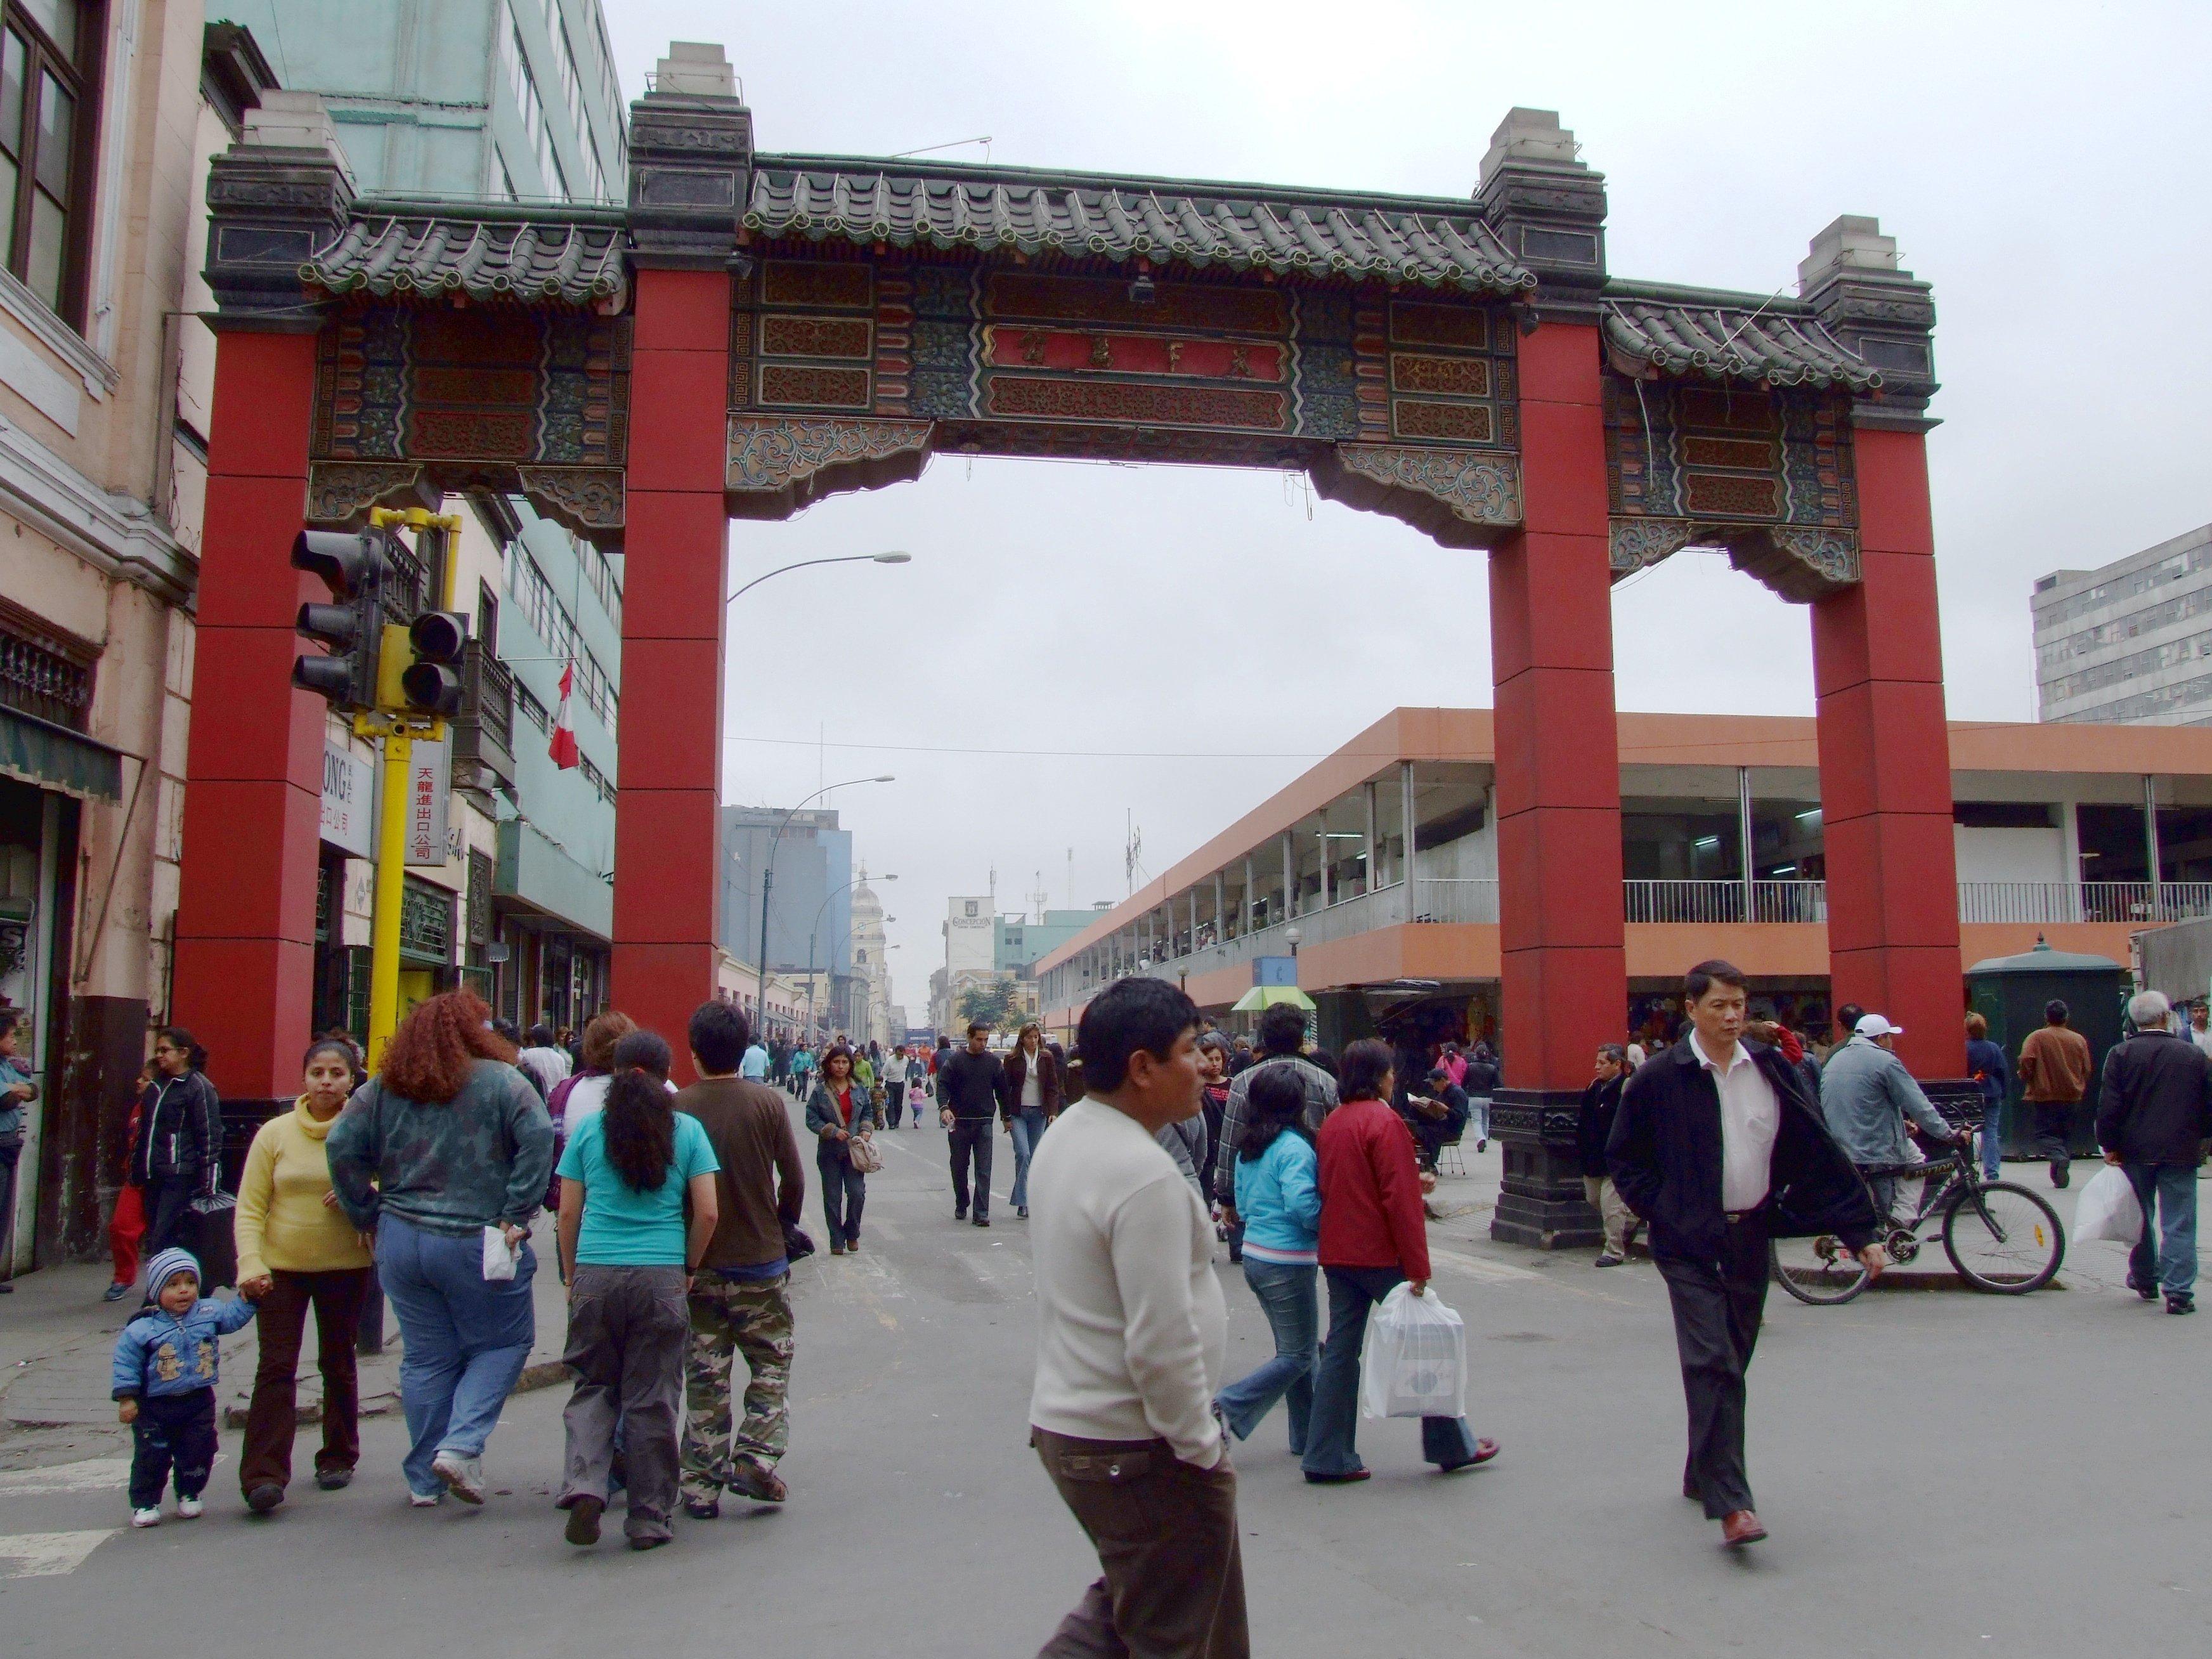 Entrada al barrio chino en Lima, Perú